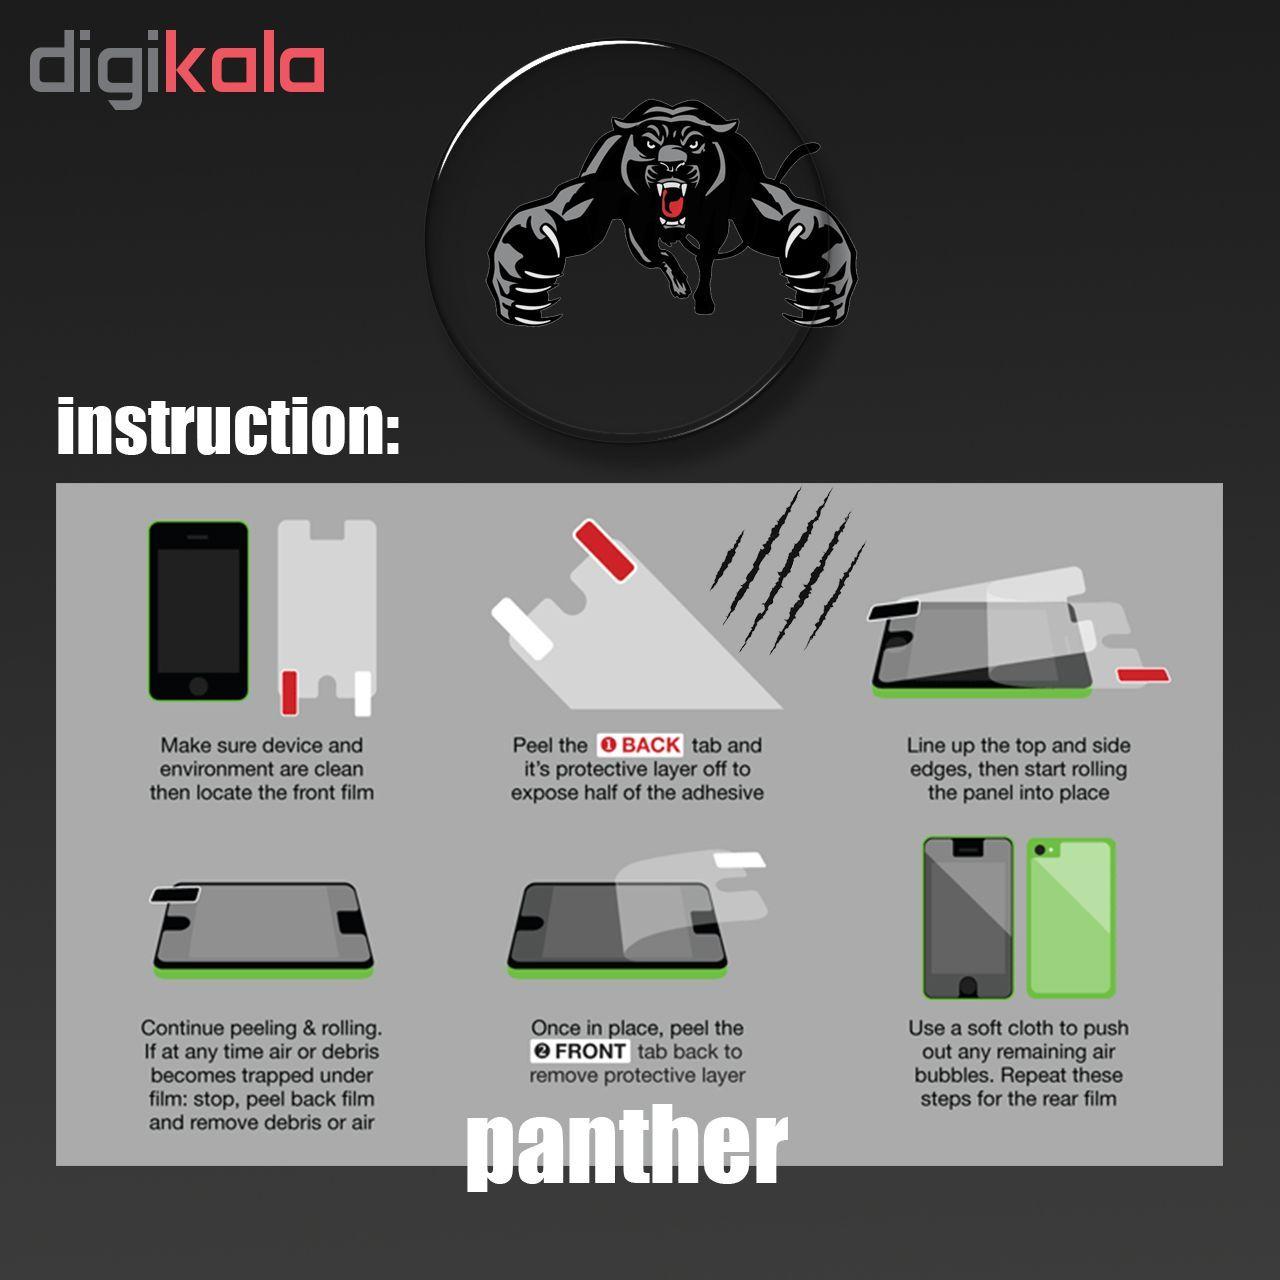 محافظ صفحه نمایش مات پنتر مدل PFG-017 مناسب برای گوشی موبایل اپل iPhone 6 Plus / 6s Plus main 1 10